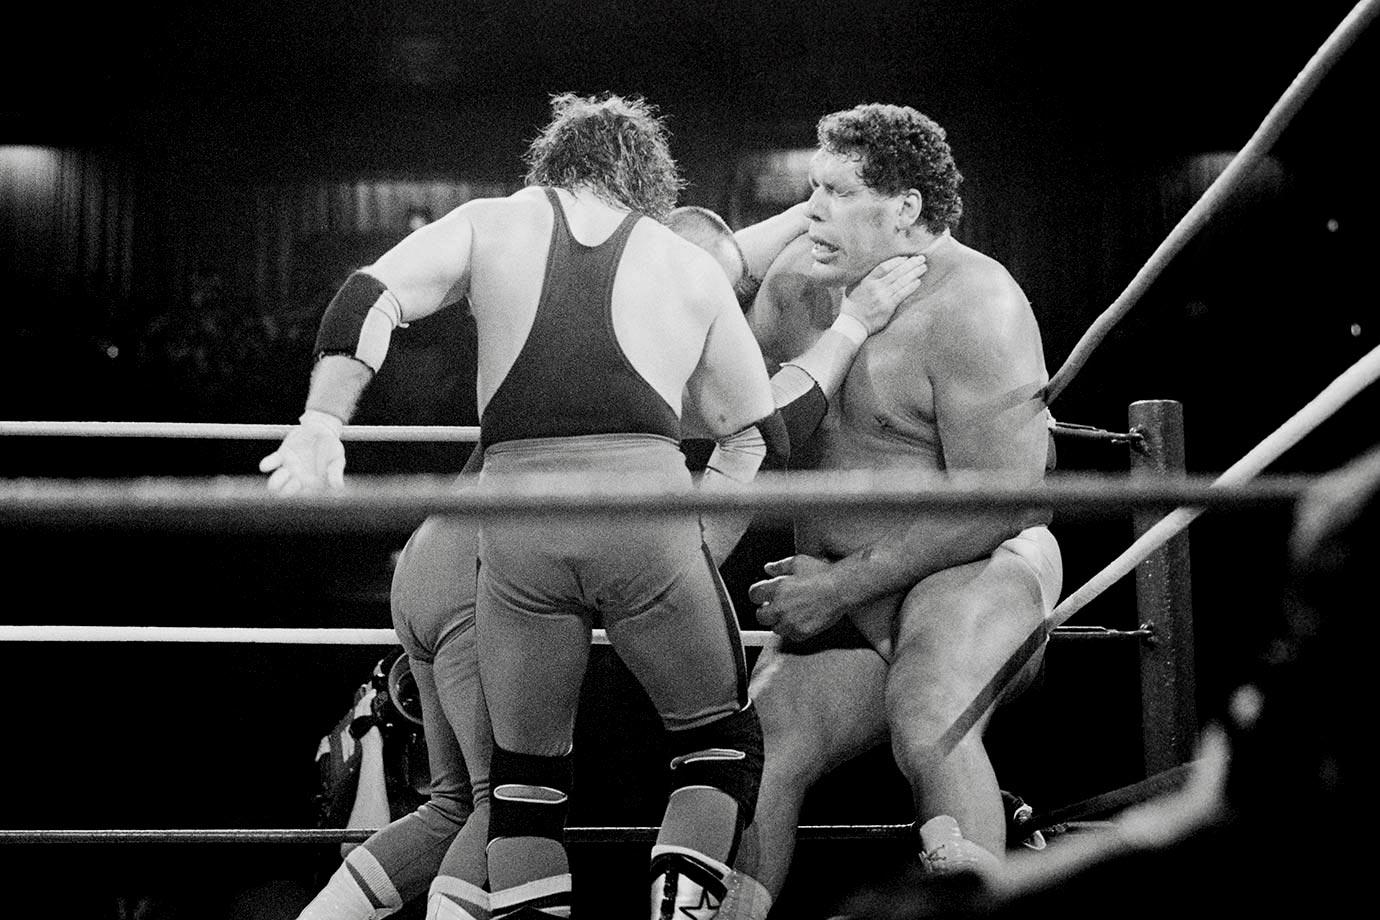 1989-0407-Andre-the-Giant-Jim-Neidhart-Bret-Hart-Foundation-Wrestlemania-2